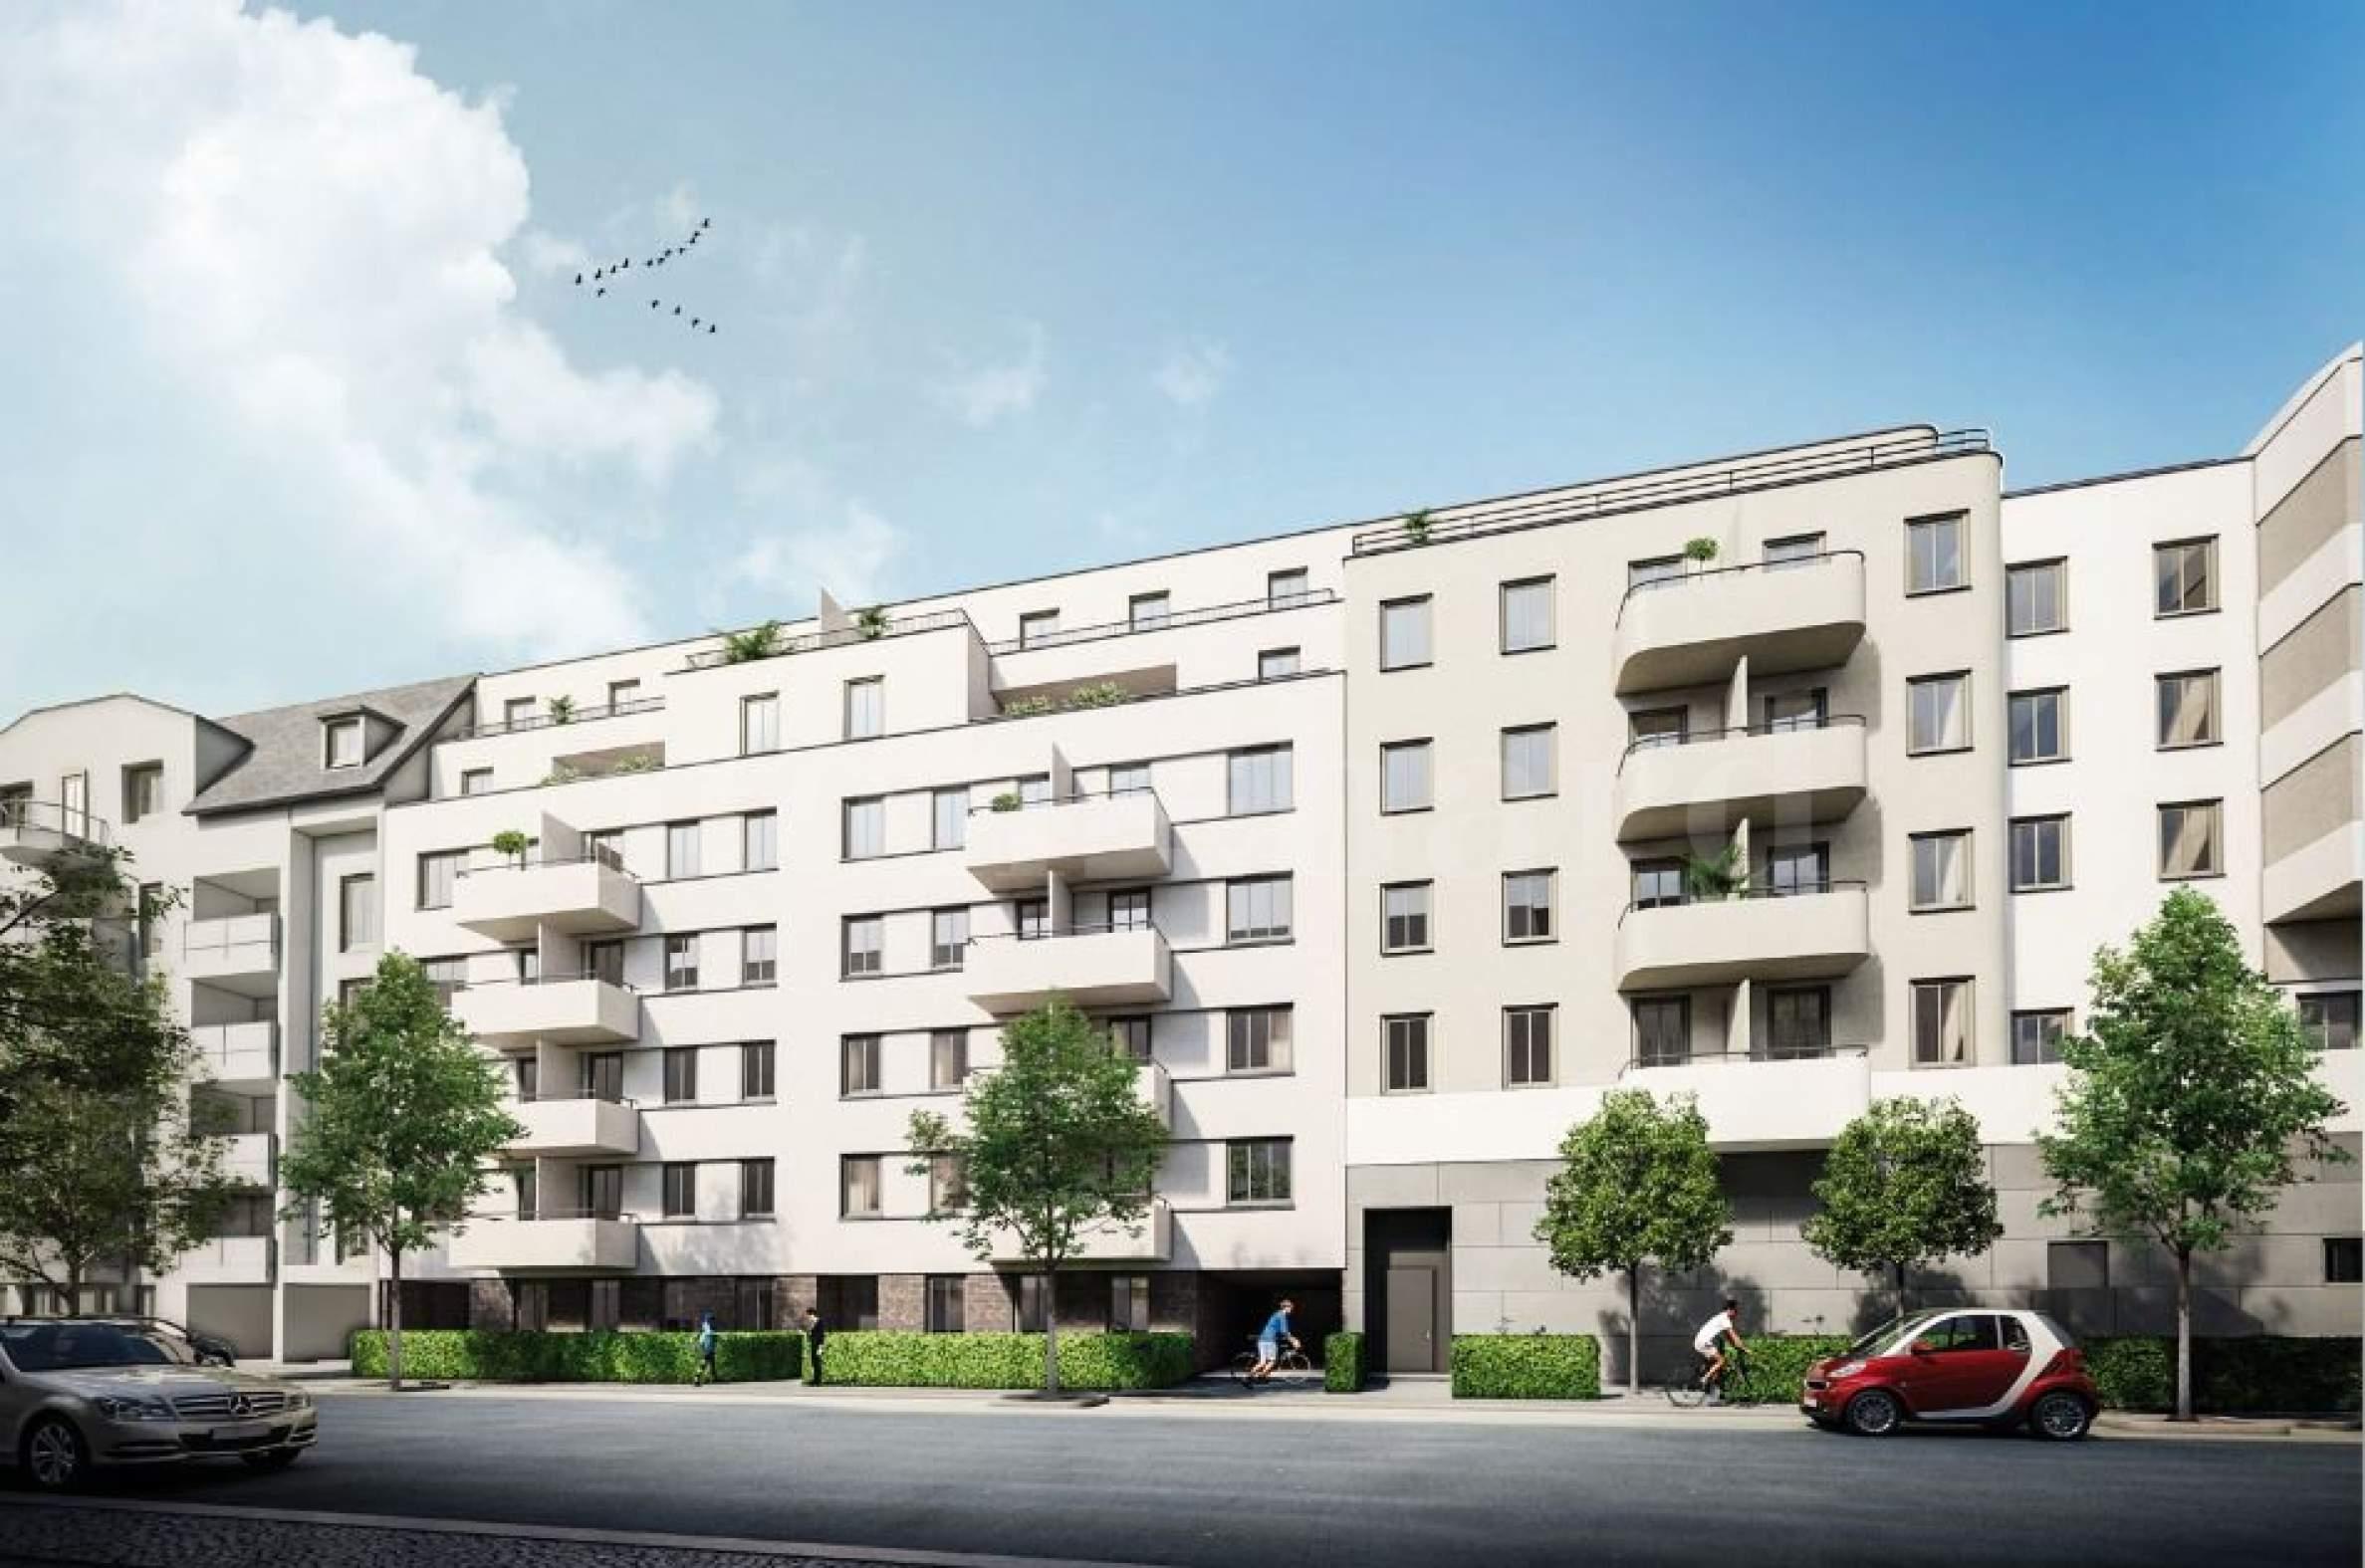 Ексклузивни апартаменти в 3 сгради в развит юго-западен район1 - Stonehard